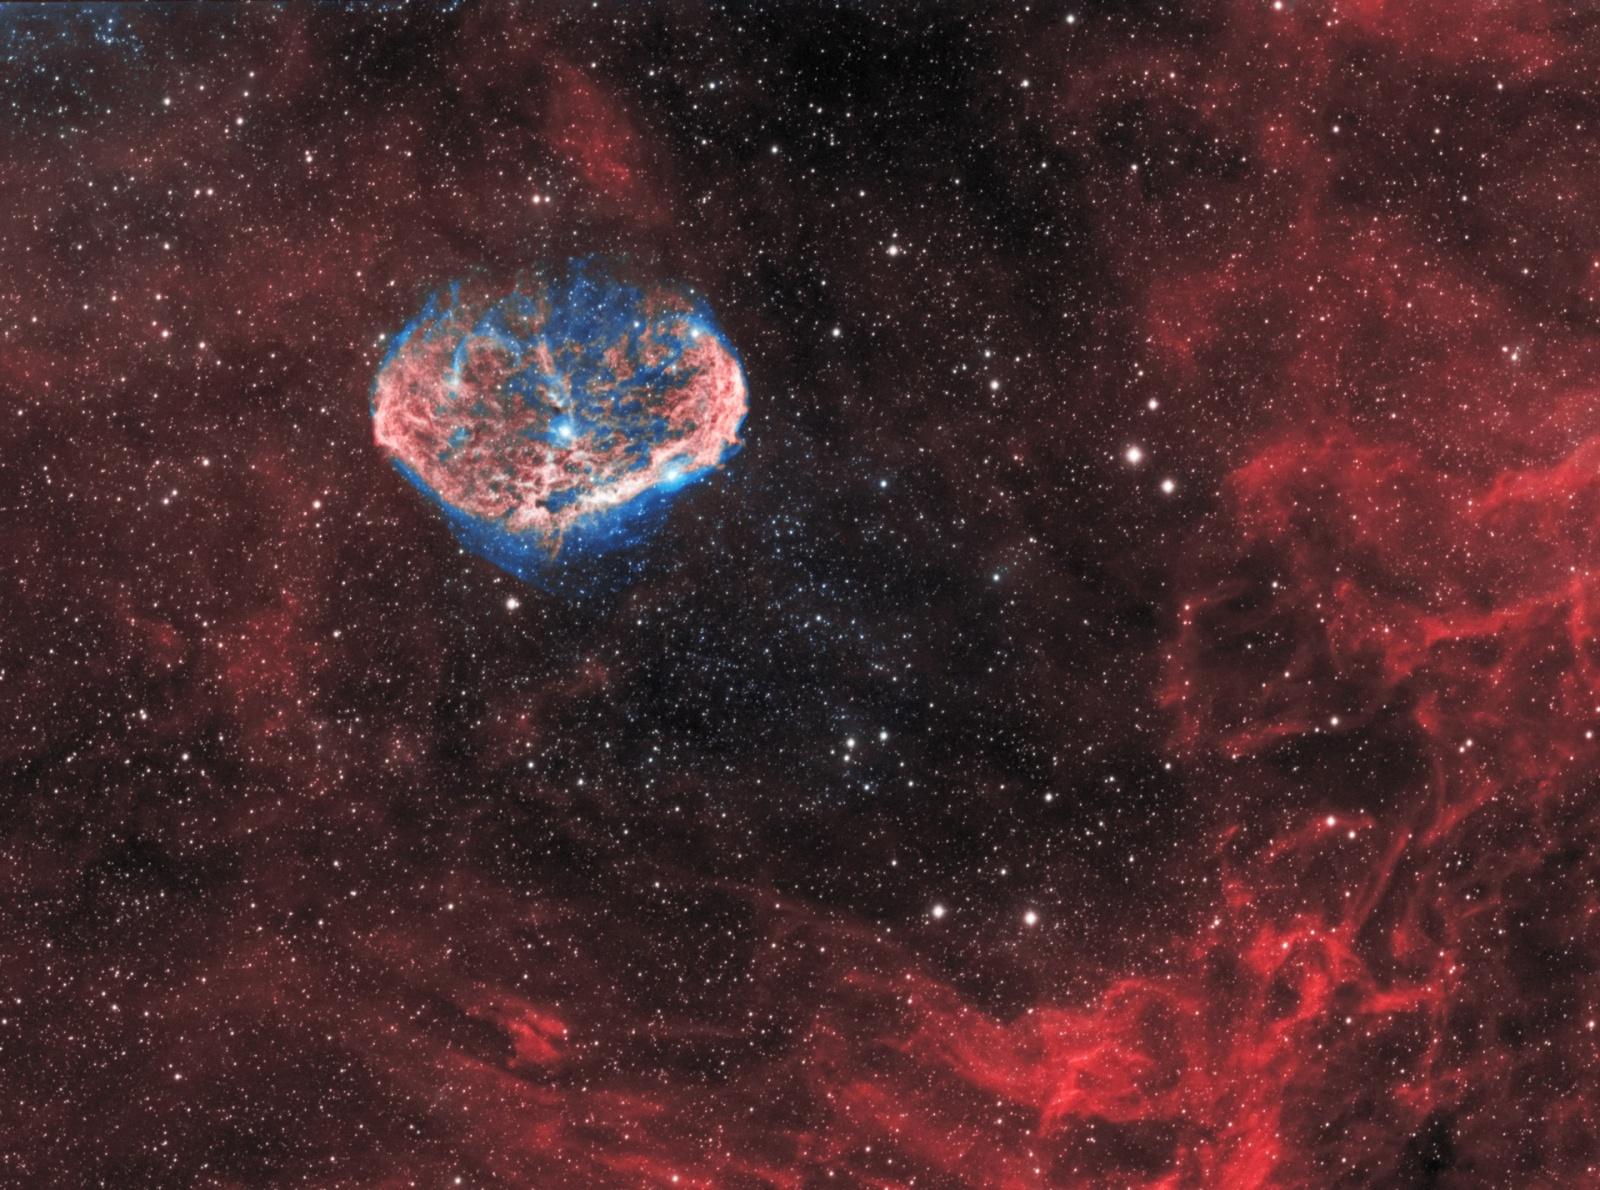 !Final_NGC6888_Bi_MIXSHO_AIP_v1_PIX1_PS_1920px.jpg